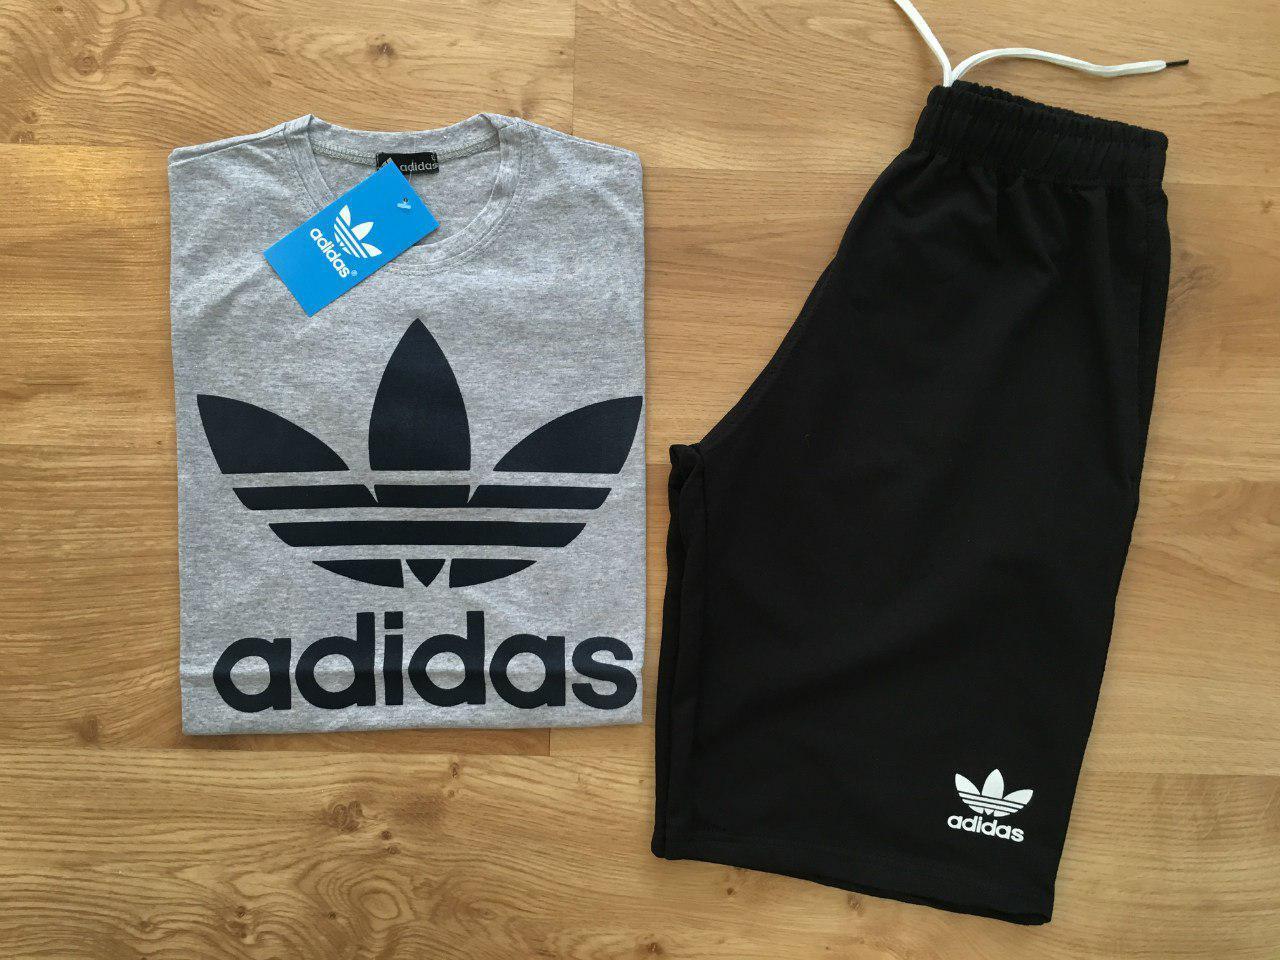 Чоловічий комплект футболка + шорти Adidas сірого і чорного кольору